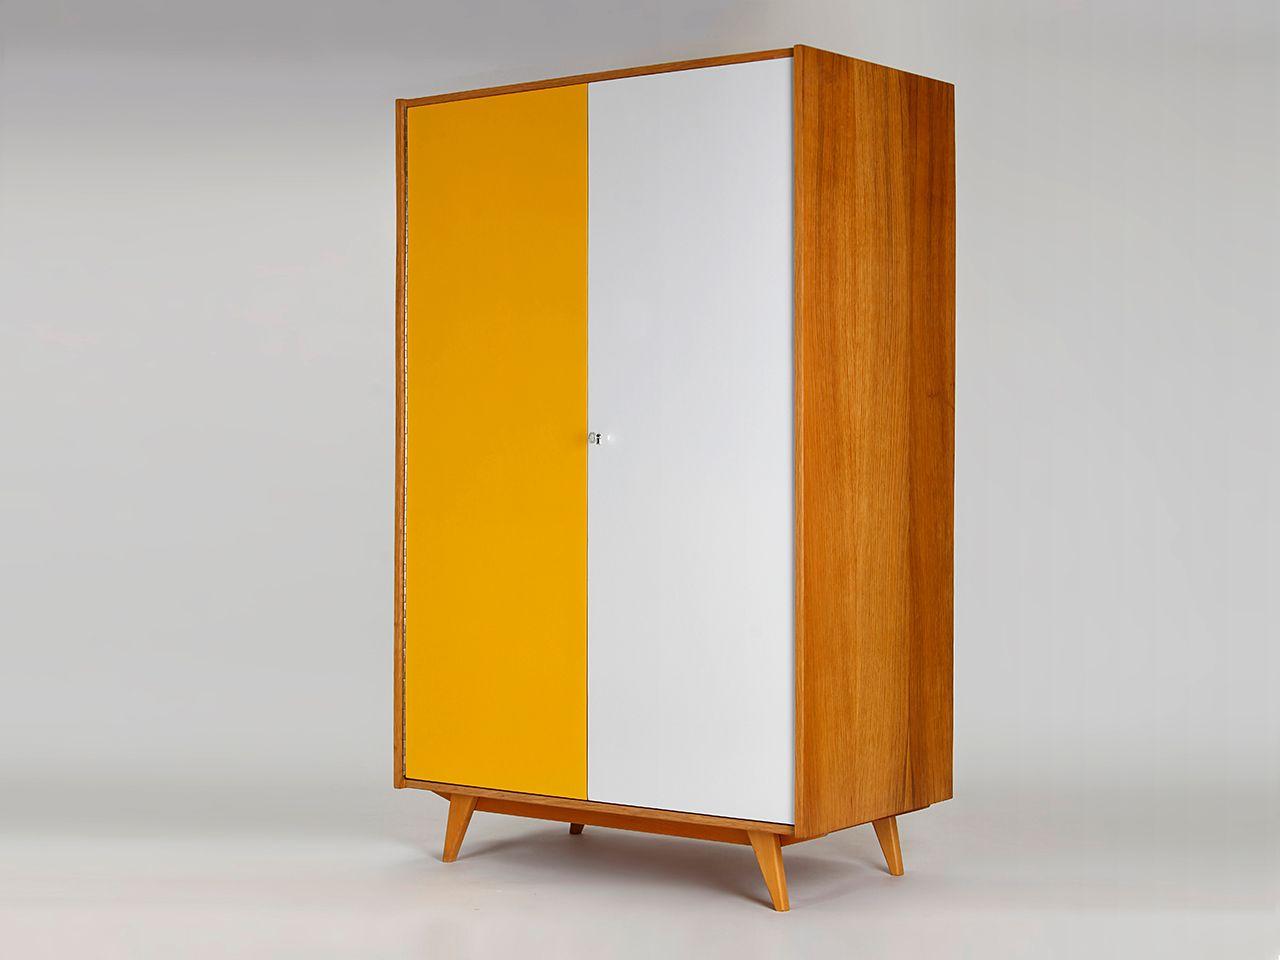 Kleiderschrank designklassiker  Schrank von Jiri Jiroutek für Interier Praha, 1960er bei Pamono kaufen